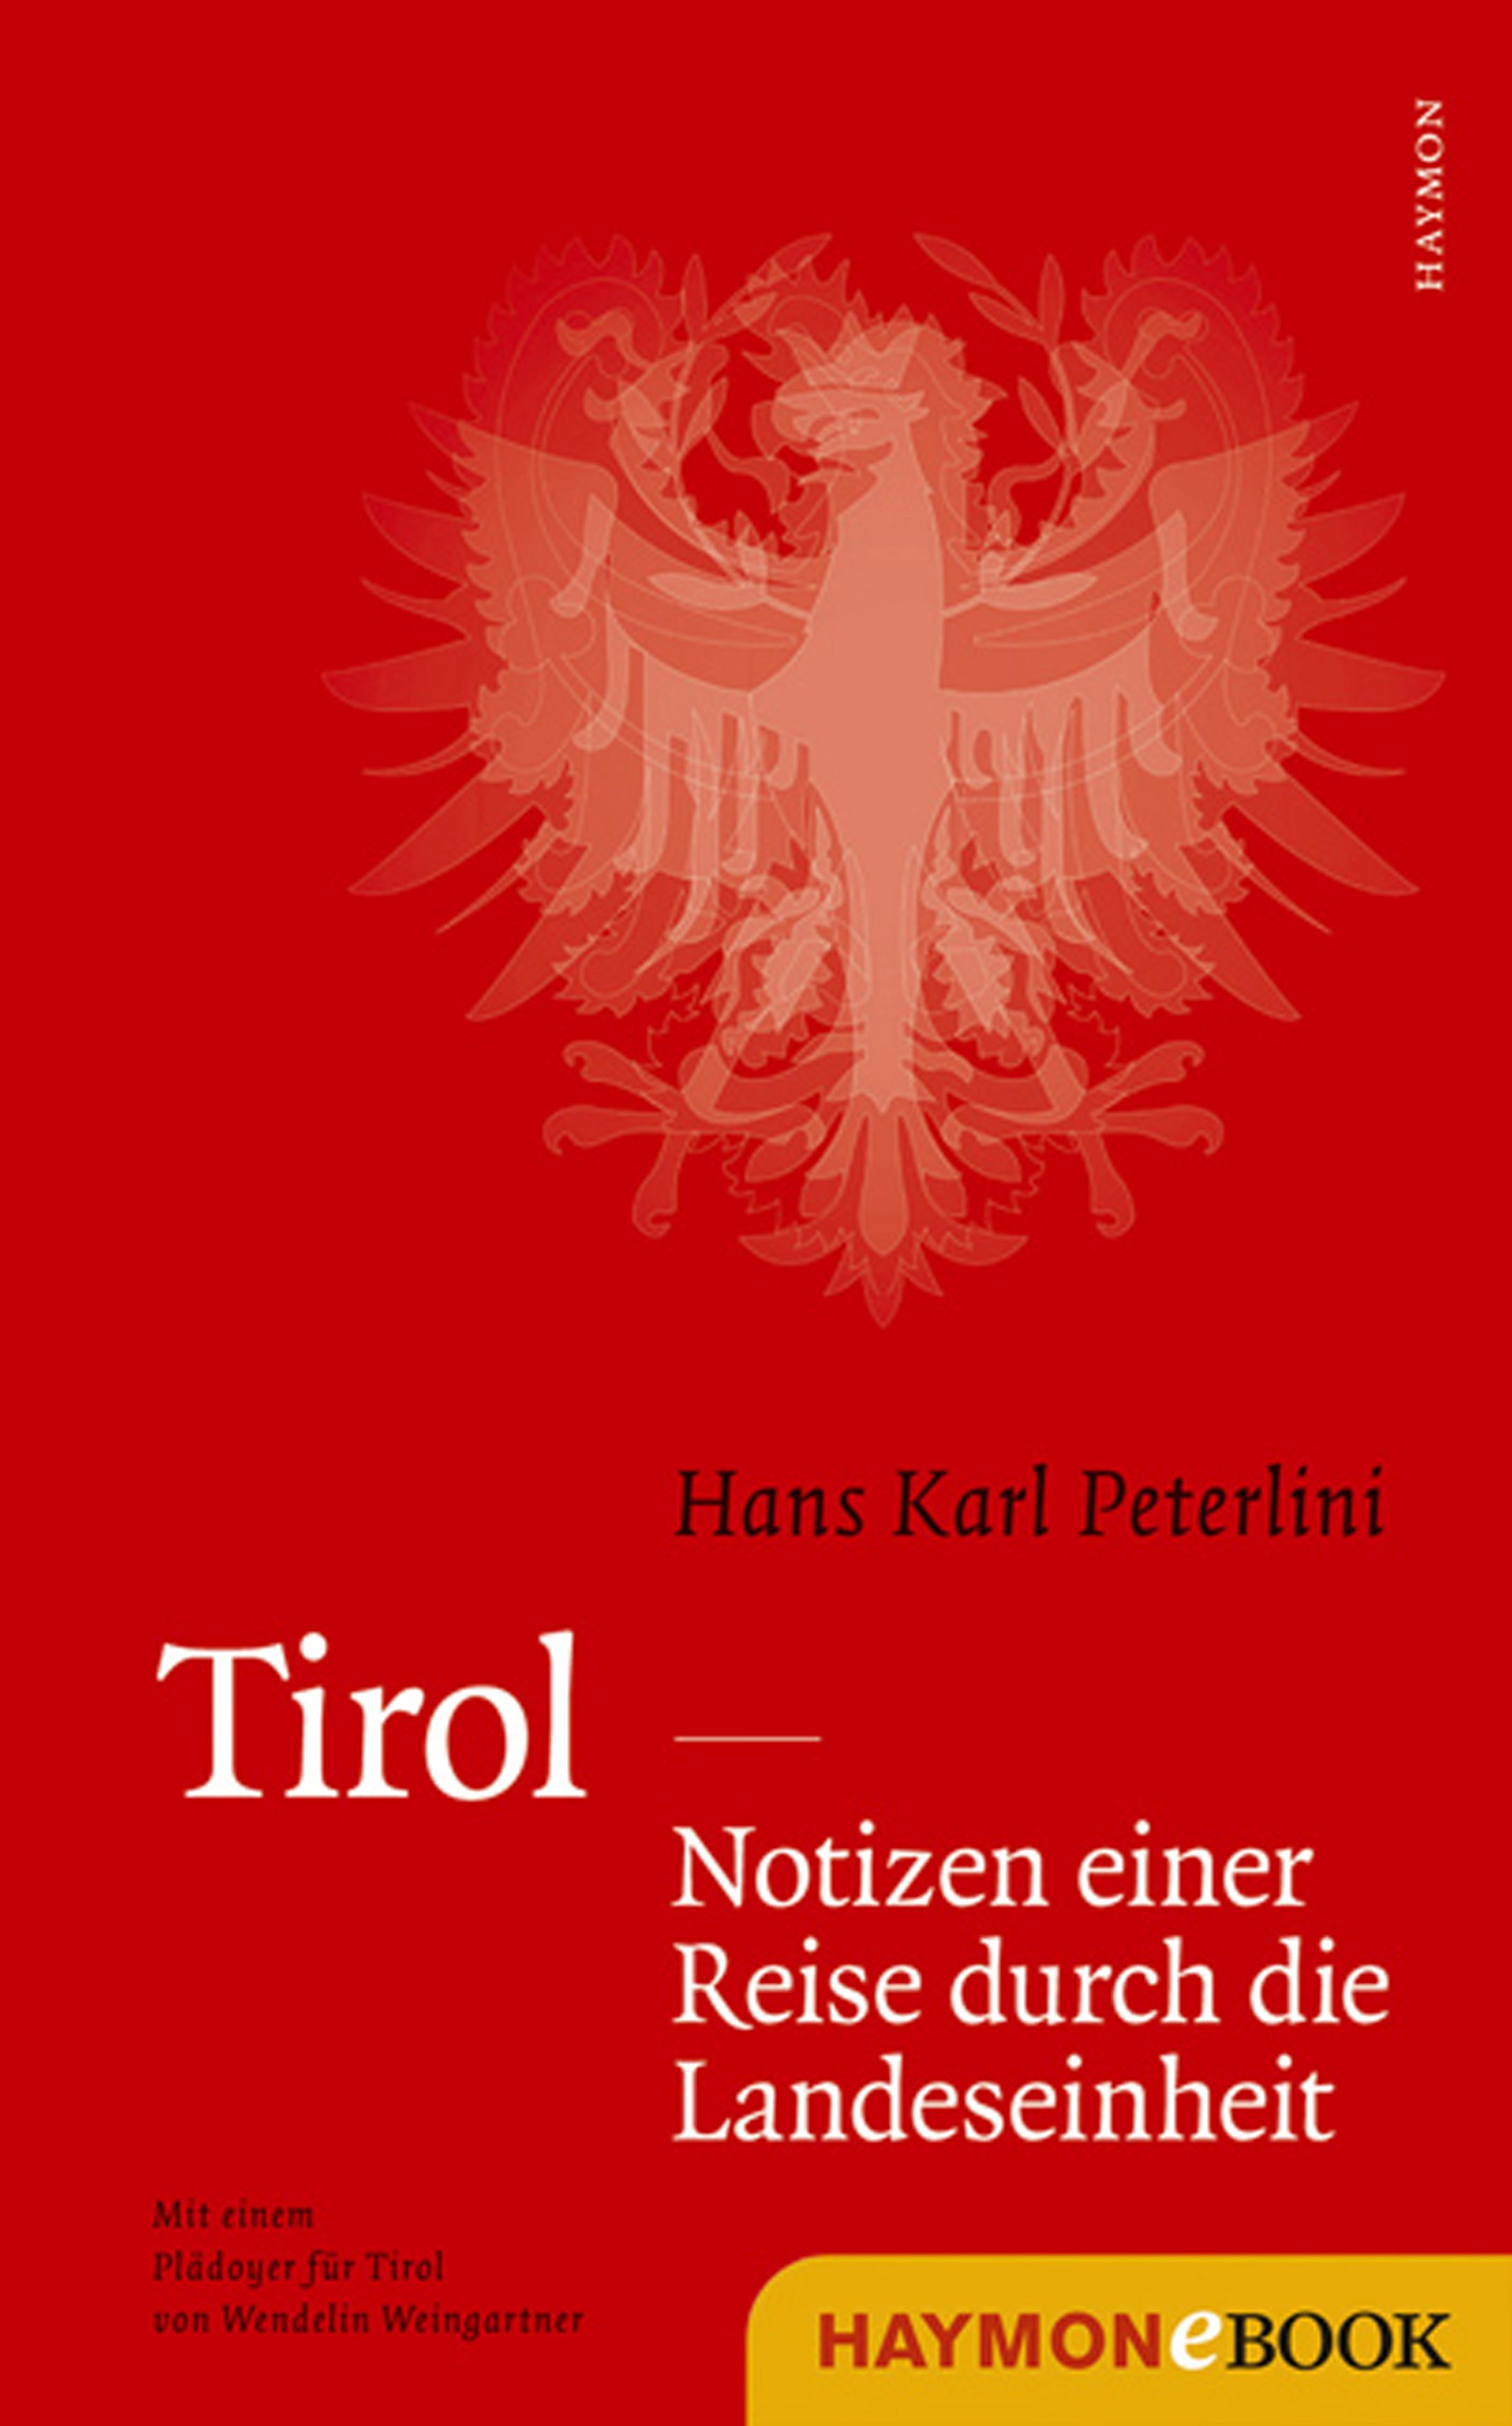 Tirol - Notizen einer Reise durch die Landeseinheit ( Hans Karl  Peterlini  )